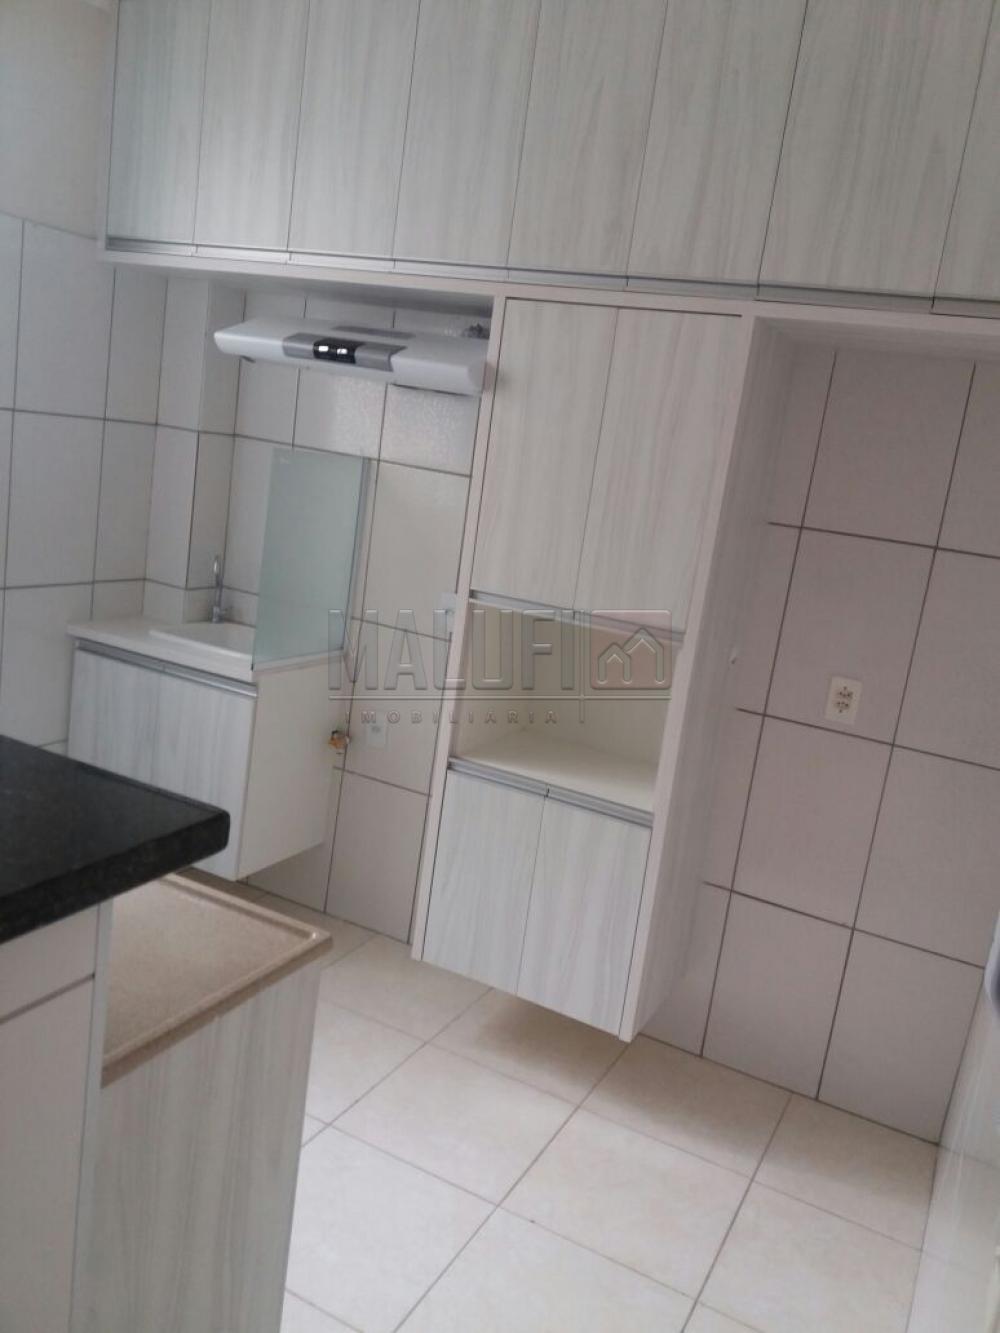 Alugar Apartamentos / Padrão em São José do Rio Preto apenas R$ 1.200,00 - Foto 16